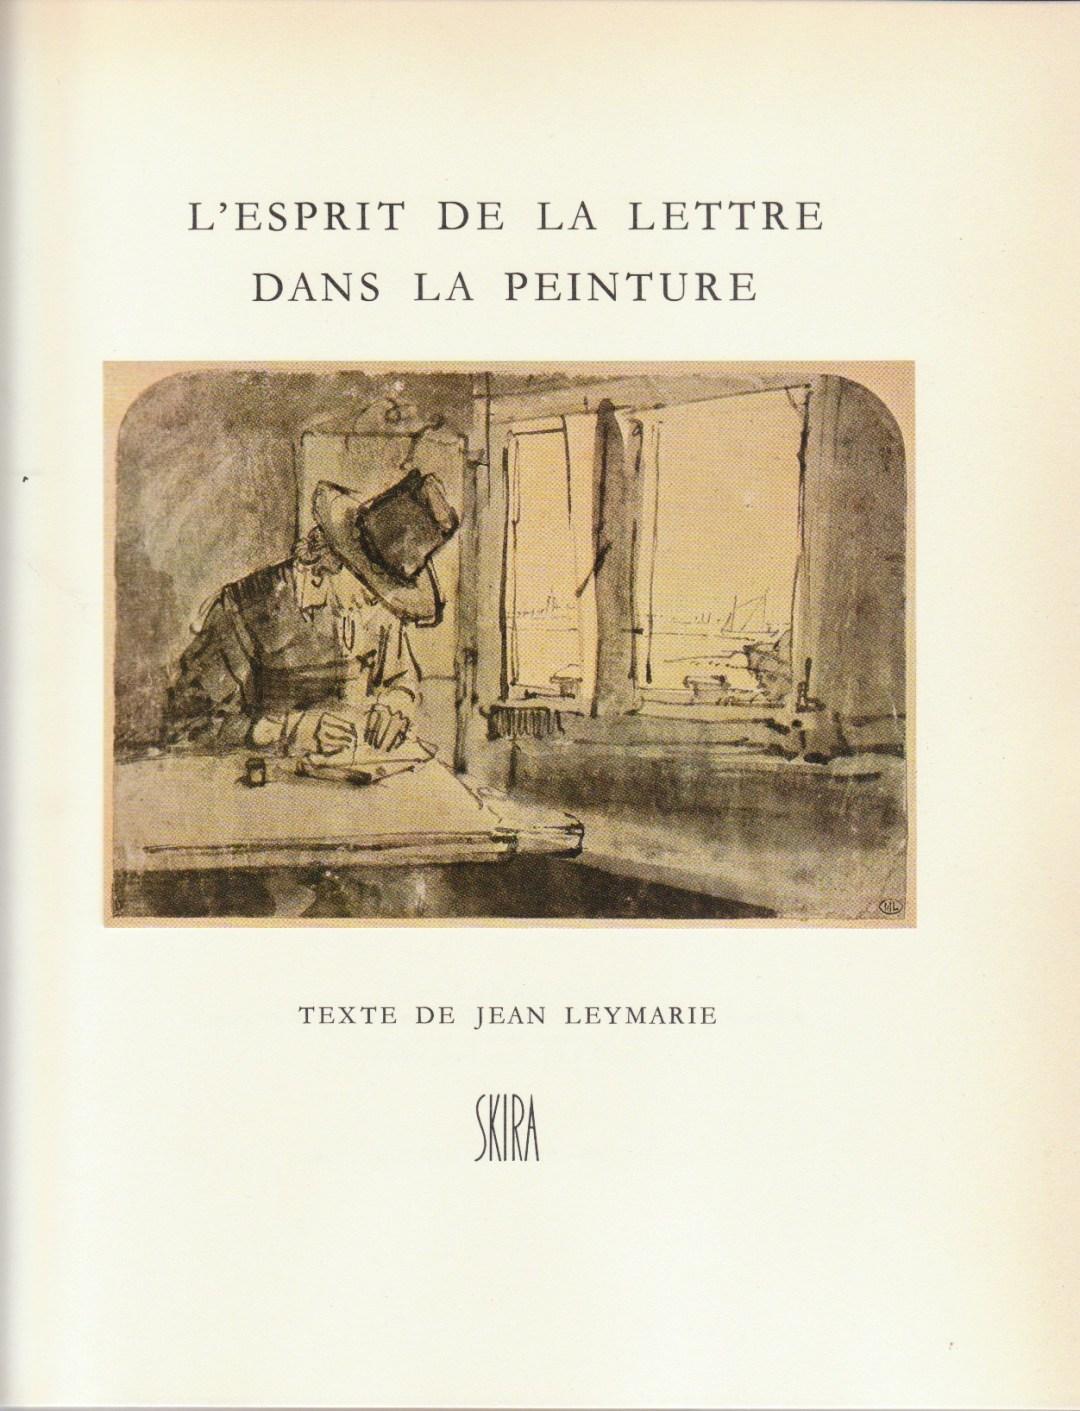 Title page of Jean Leymarie - L'esprit de la lettre dans la peinture